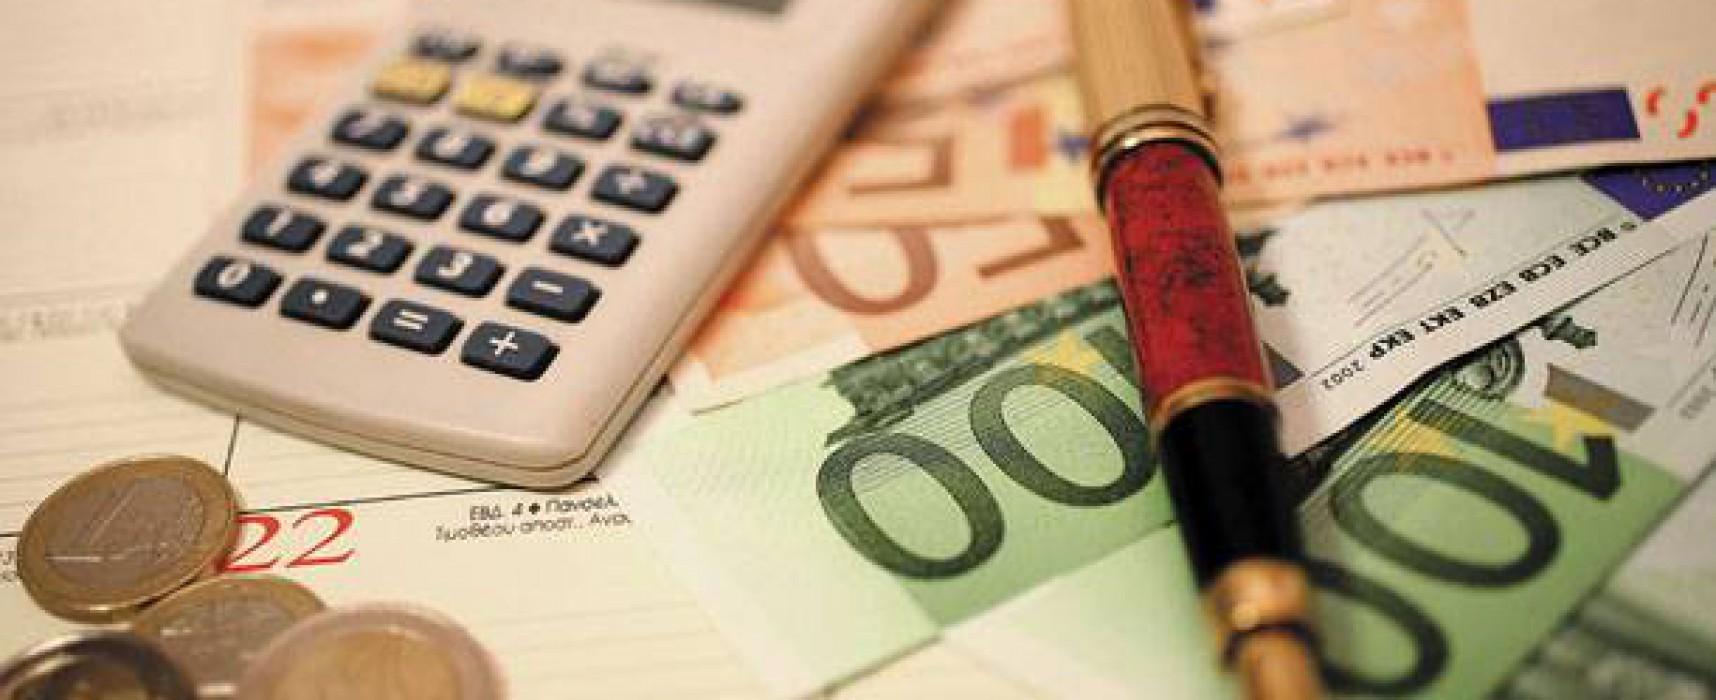 Συνοπτική κατάσταση Προϋπολογισμού Δήμου Σοφάδων 2015